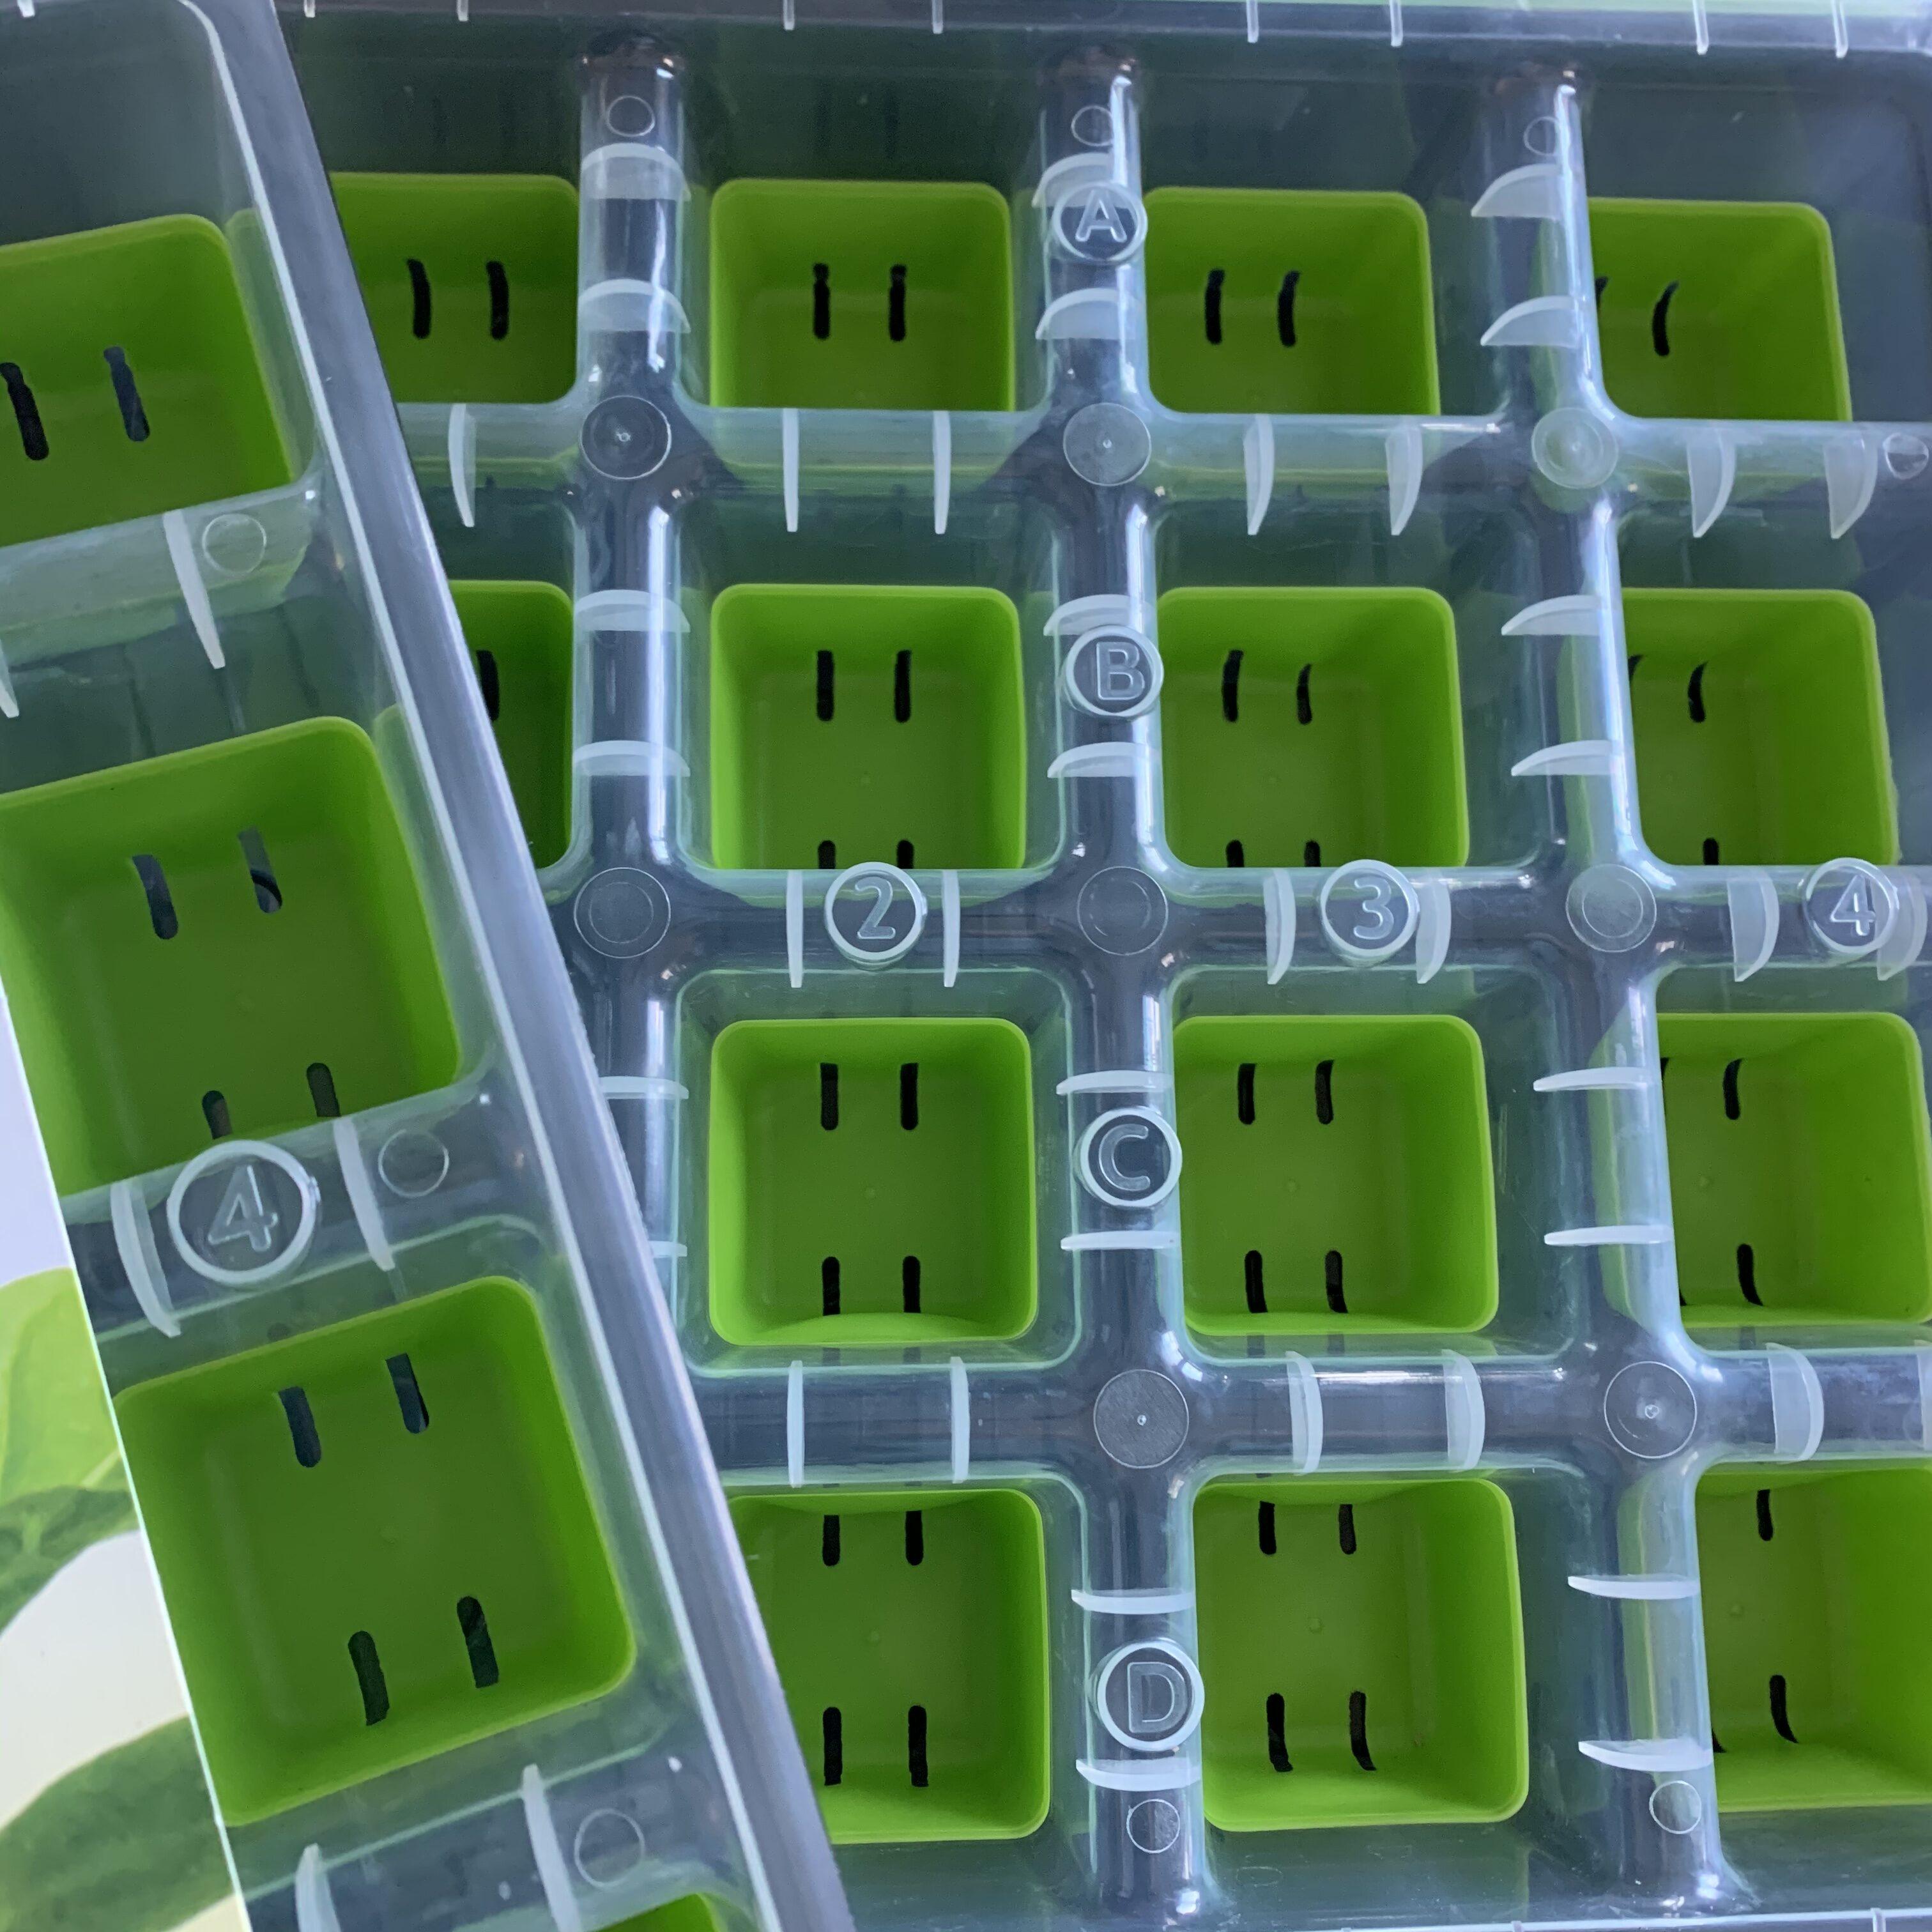 EC10DDFE B9A6 4641 8B0C DC60AC7972C2 First 2020 seeds started!